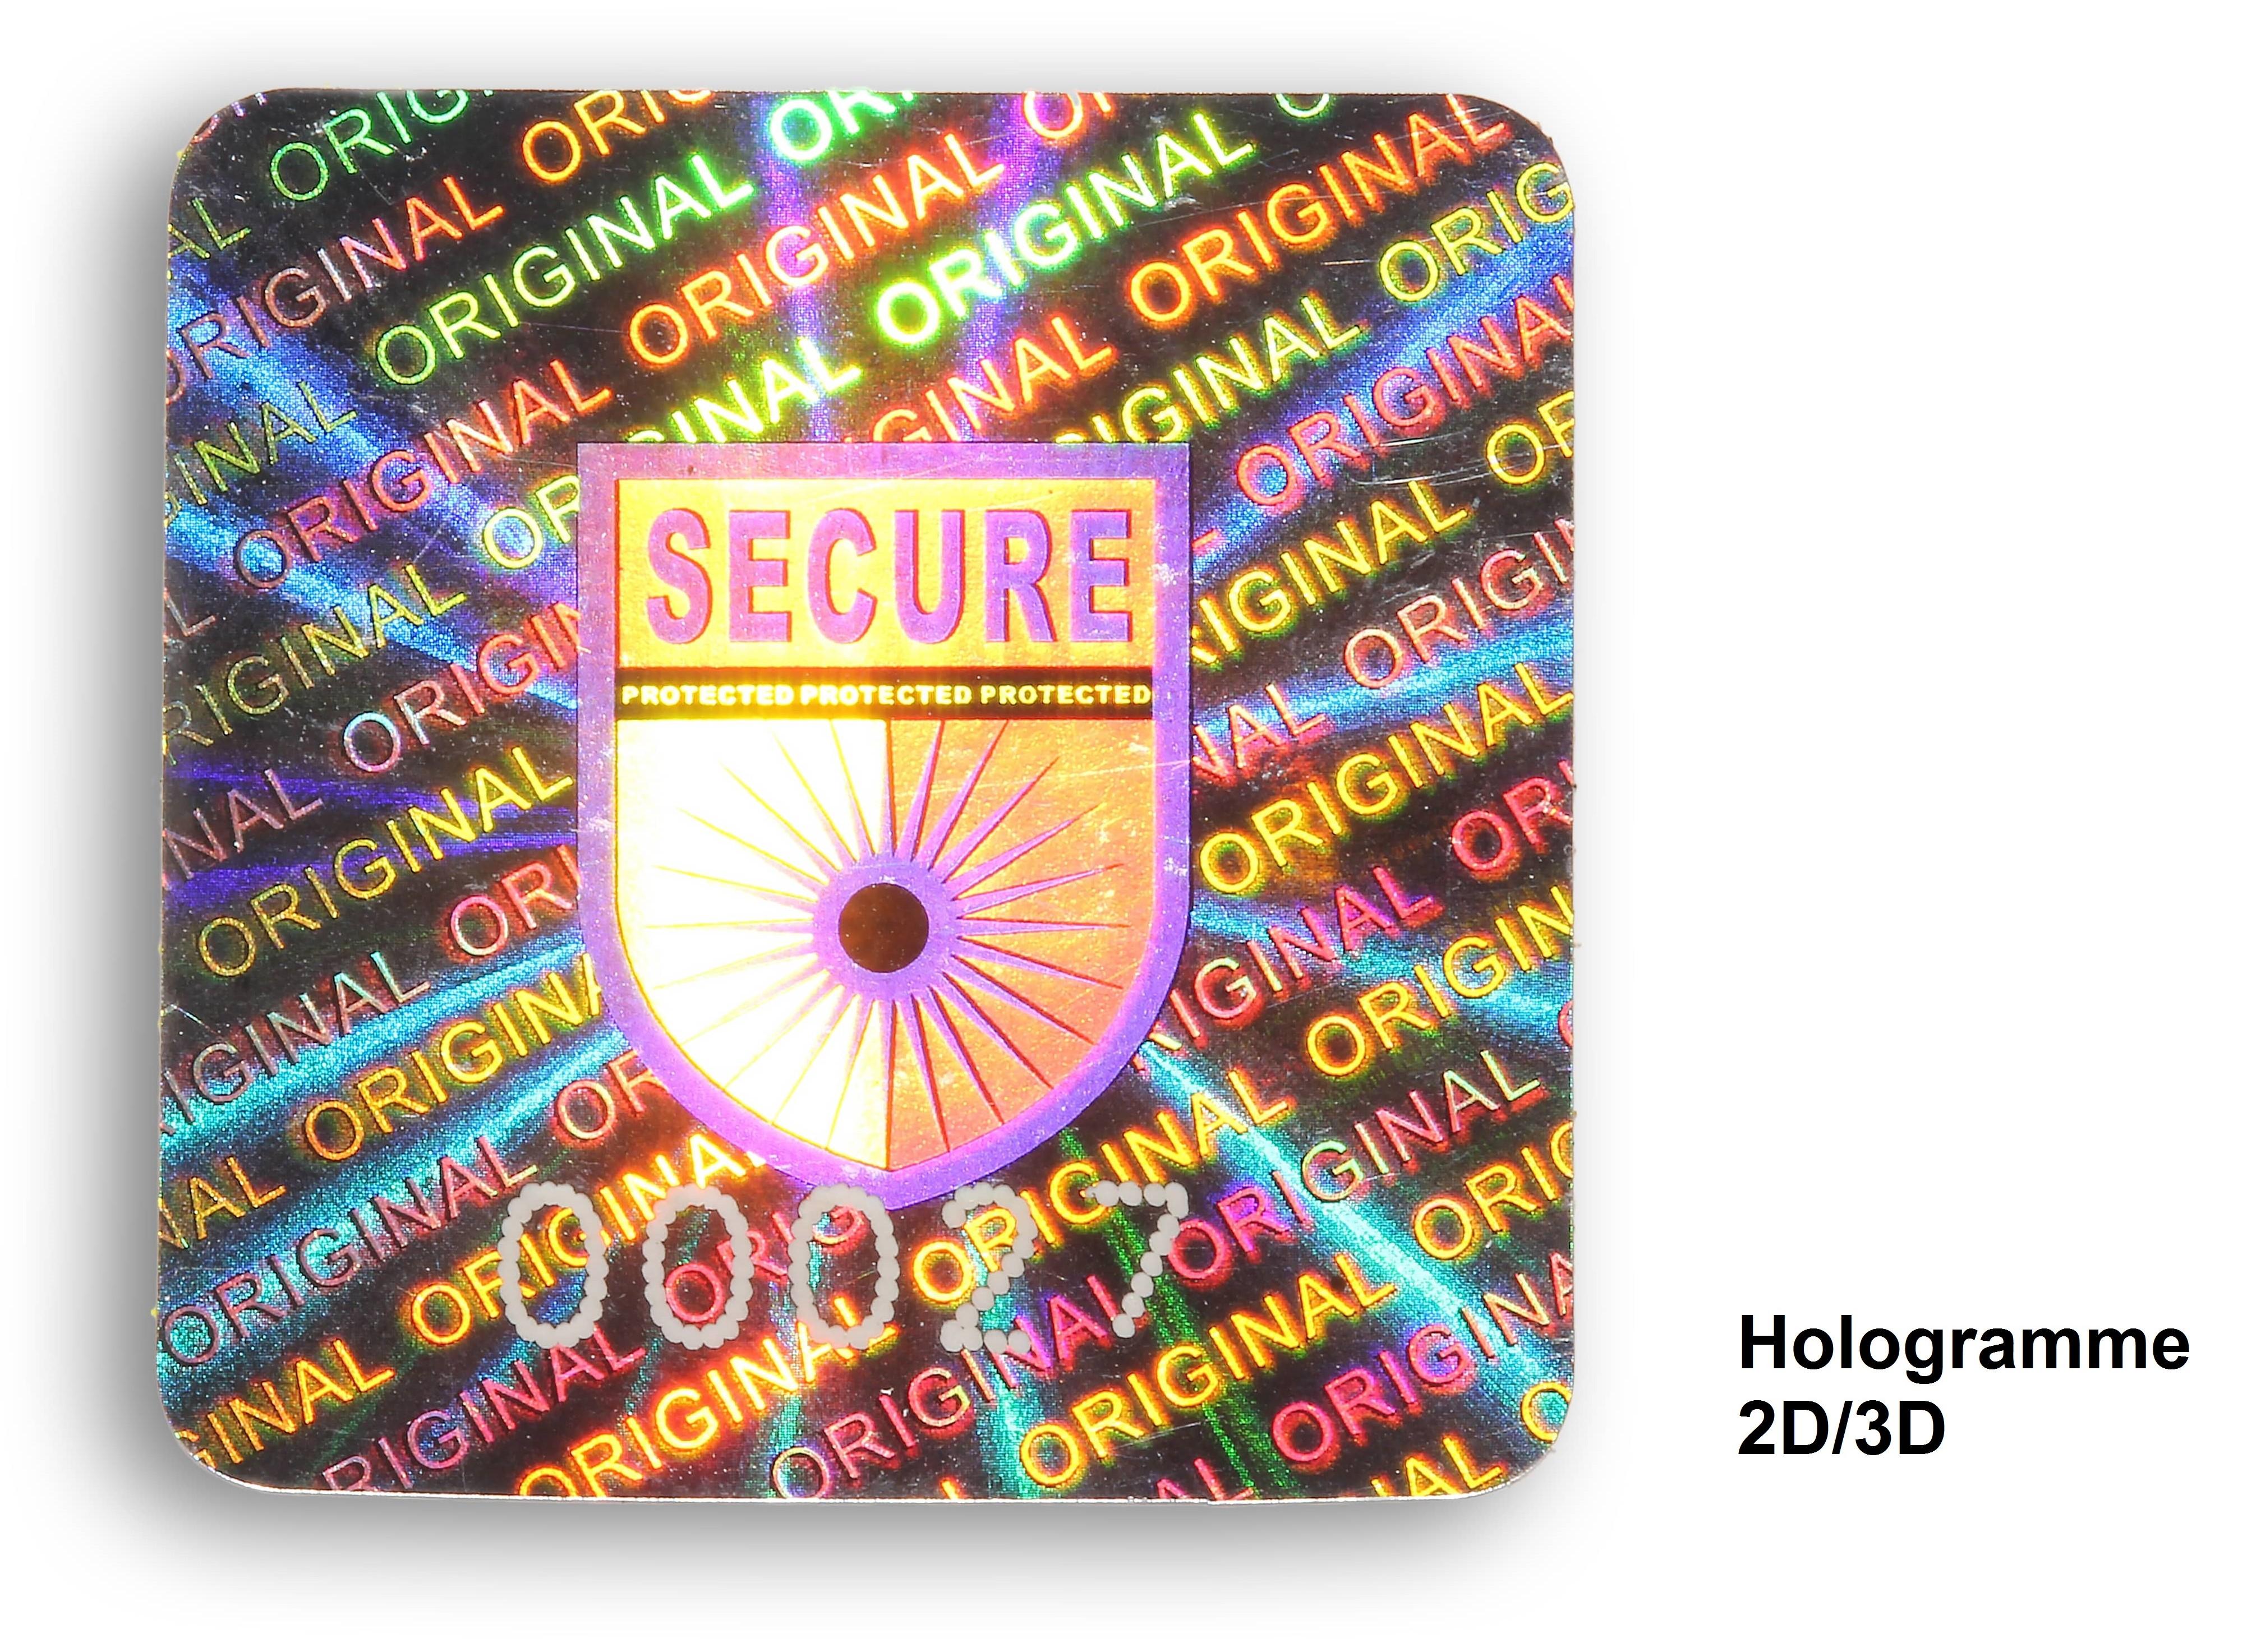 hologramme-etiquette-3D-holographique-adhesif-étiquette